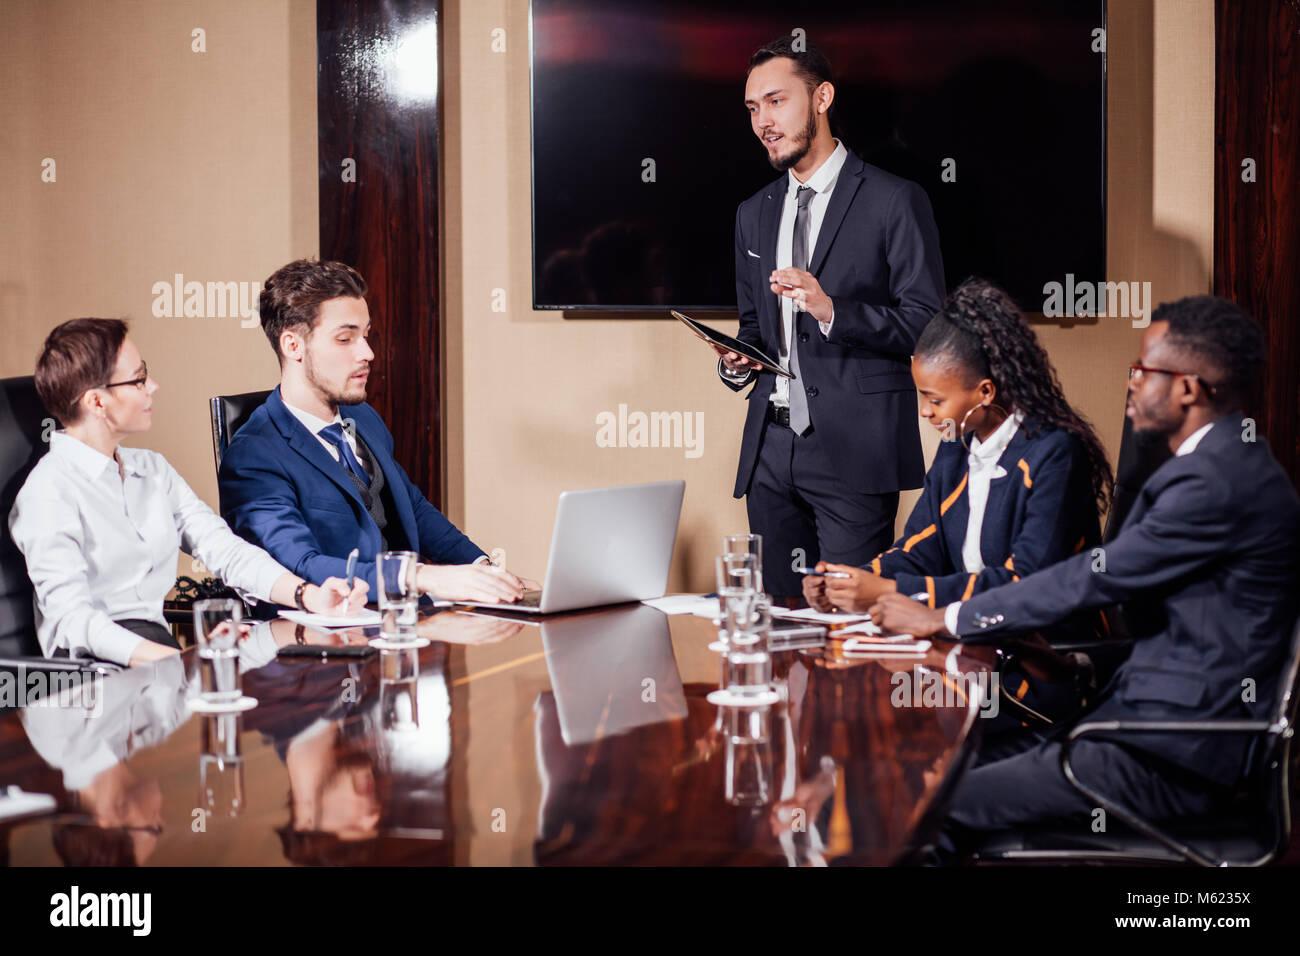 Geschäftsmann, die Kollegen bei einem Treffen zu präsentieren Stockbild